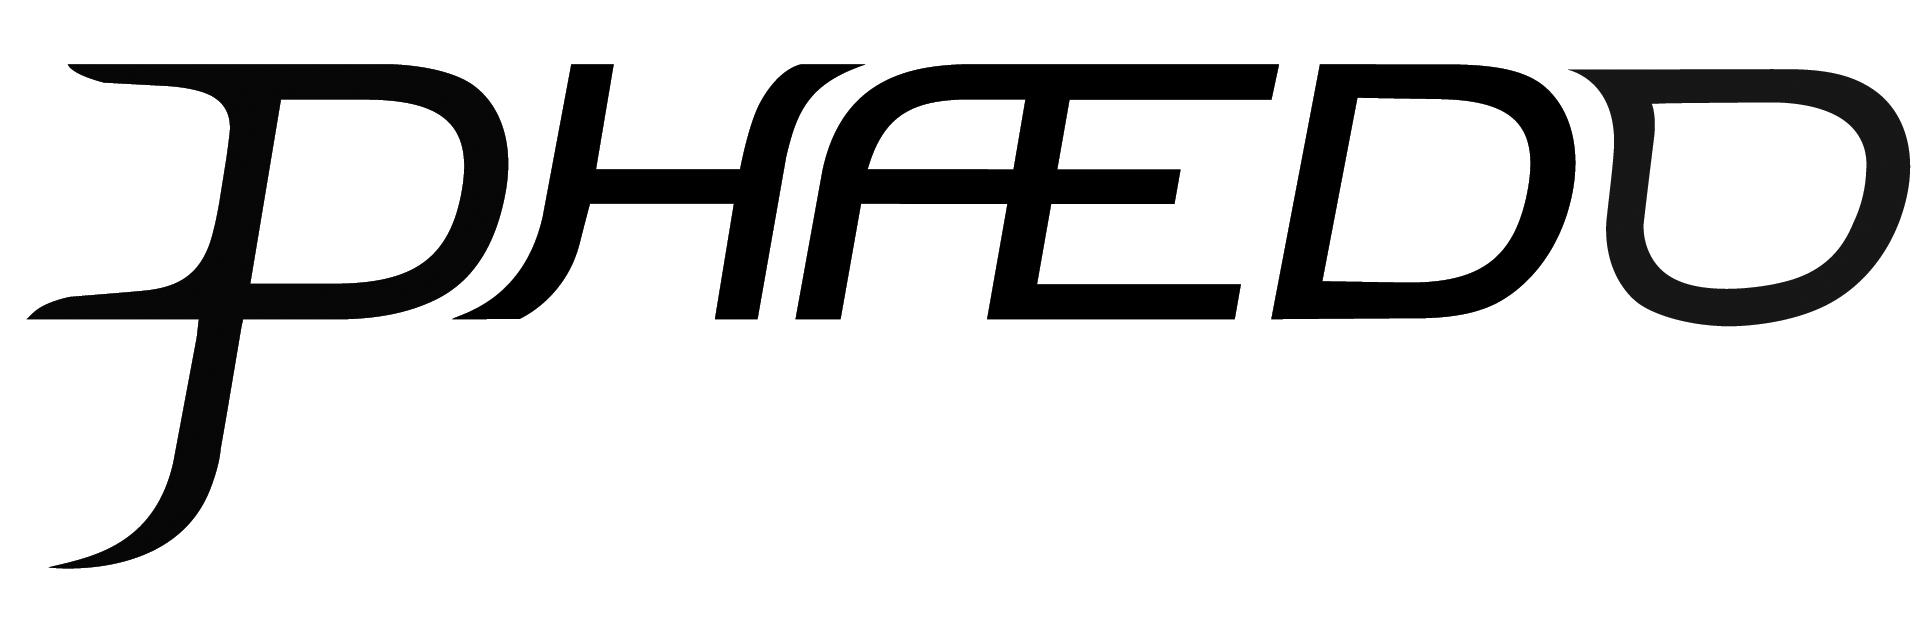 Custom Font Development